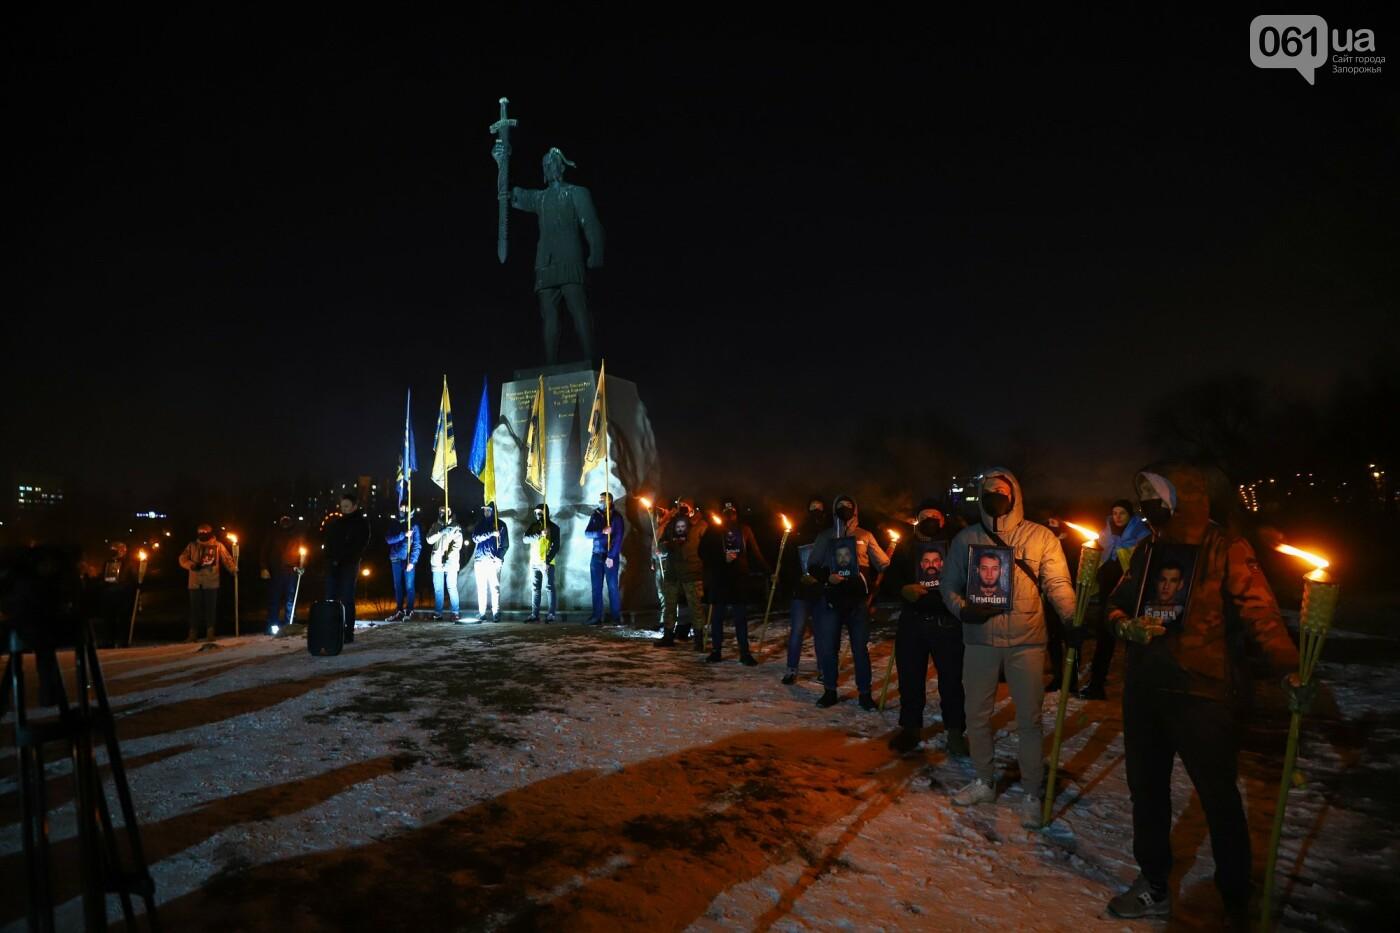 Бои за Широкино: в Запорожье зажгли факела в память о погибших бойцах, - ФОТОРЕПОРТАЖ , фото-16